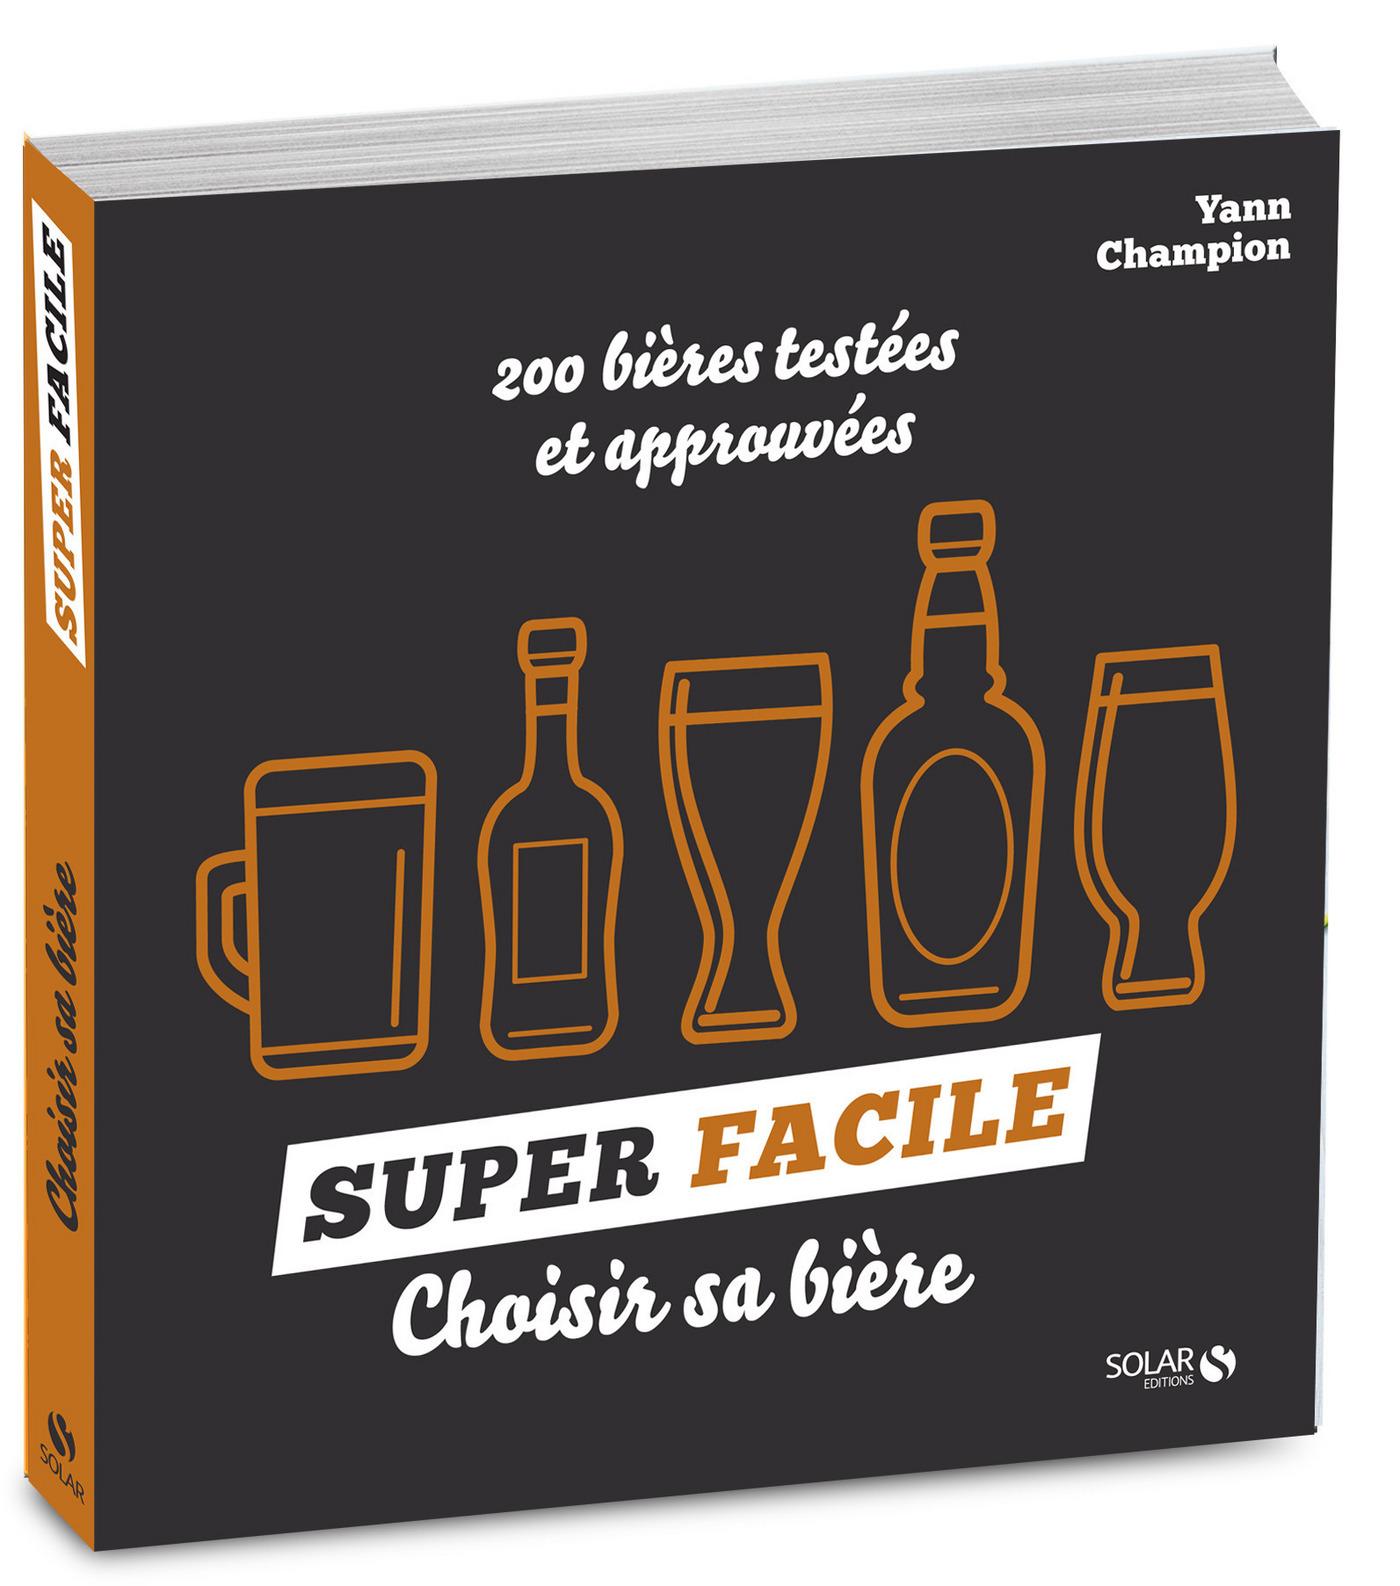 Choisir sa bière - super facile